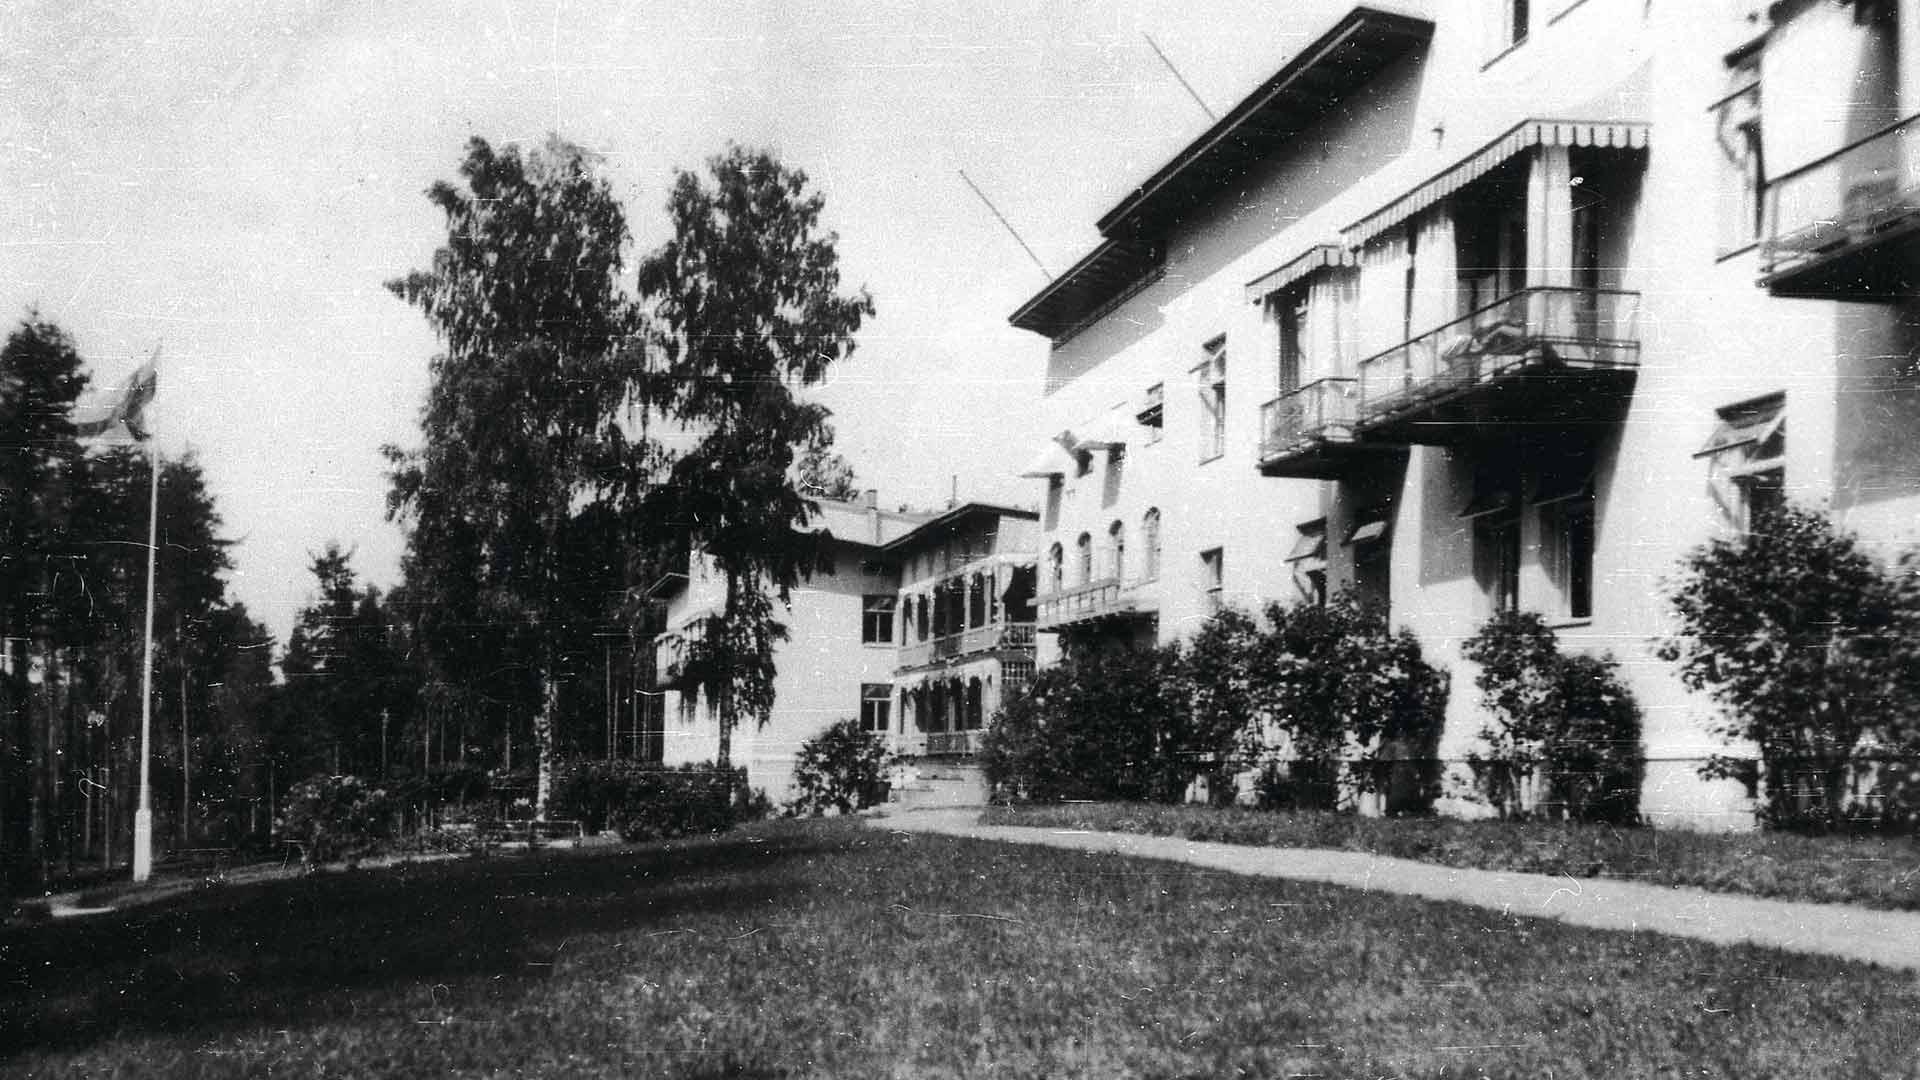 Vuonna 1903 valmistunut Takaharjun parantola oli aikansa pisin rakennus. Julkisivun mitta oli 135 metriä. Hallimakuuparvekkeet erottuvat hyvin.